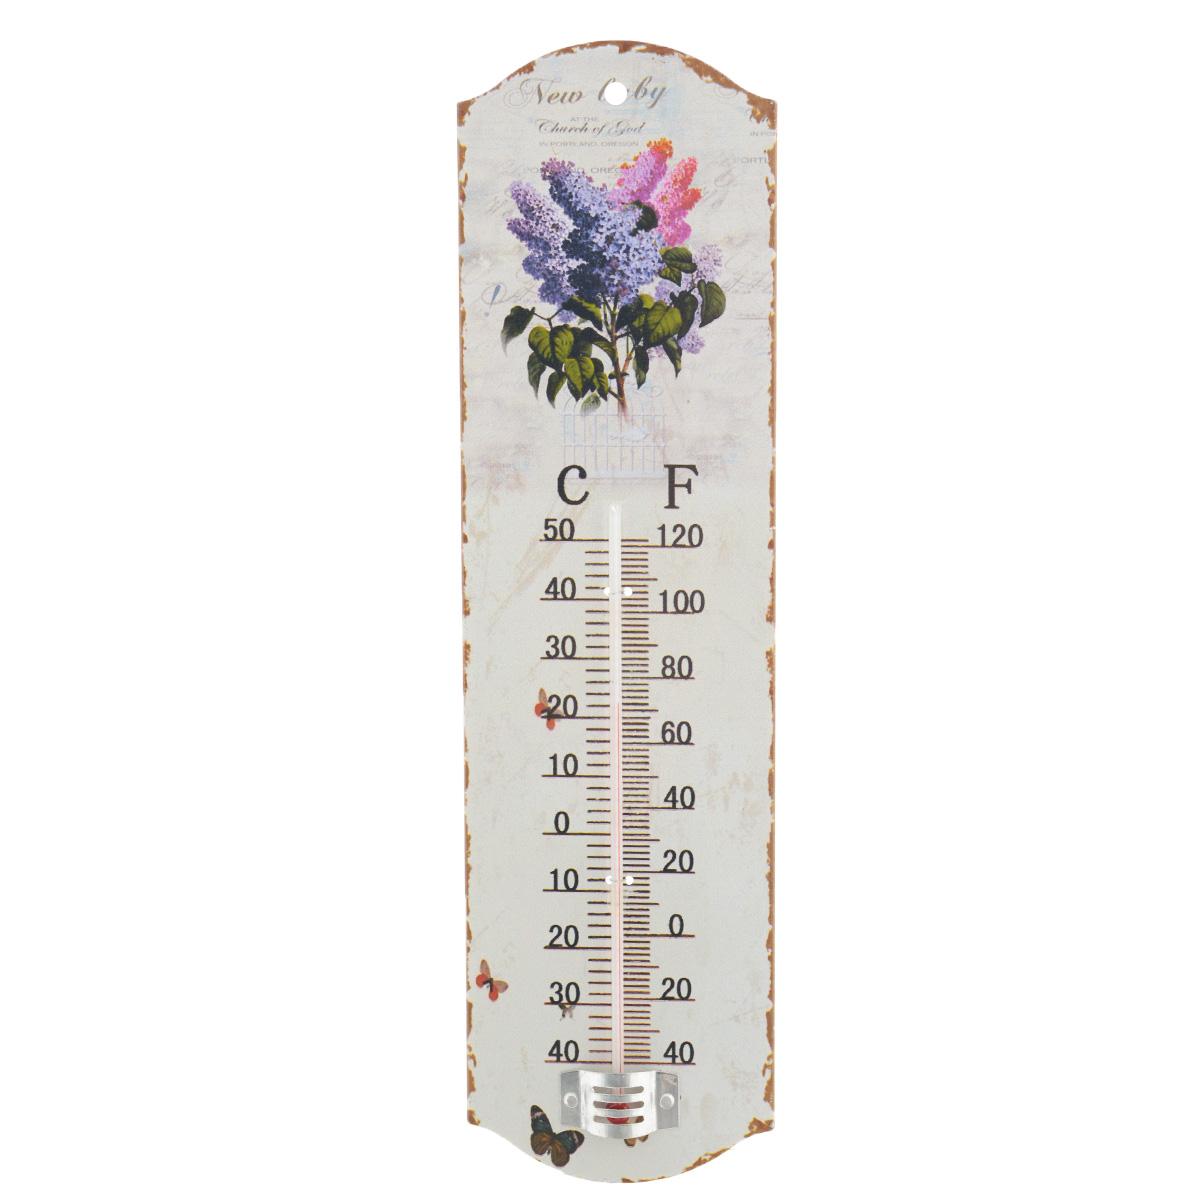 Термометр декоративный Феникс-презент, комнатный. 3374633746Комнатный термометр Феникс-презент, изготовленный из металла и стекла, декорирован изображением веток сирени. Термометр имеет шкалу измерения температуры по Цельсию (-40°С - +50°С) и по Фаренгейту (-40°F - +120°F). Благодаря такому термометру вы всегда будете точно знать, насколько тепло в помещении. Изделие оснащено специальным отверстием для подвешивания. Оригинальный дизайн не оставит равнодушным никого. Термометр удачно впишется в обстановку жилого помещения, гаража или беседки. Кроме того, это актуальный подарок для человека с хорошим вкусом. Высота градусника: 14,5 см.